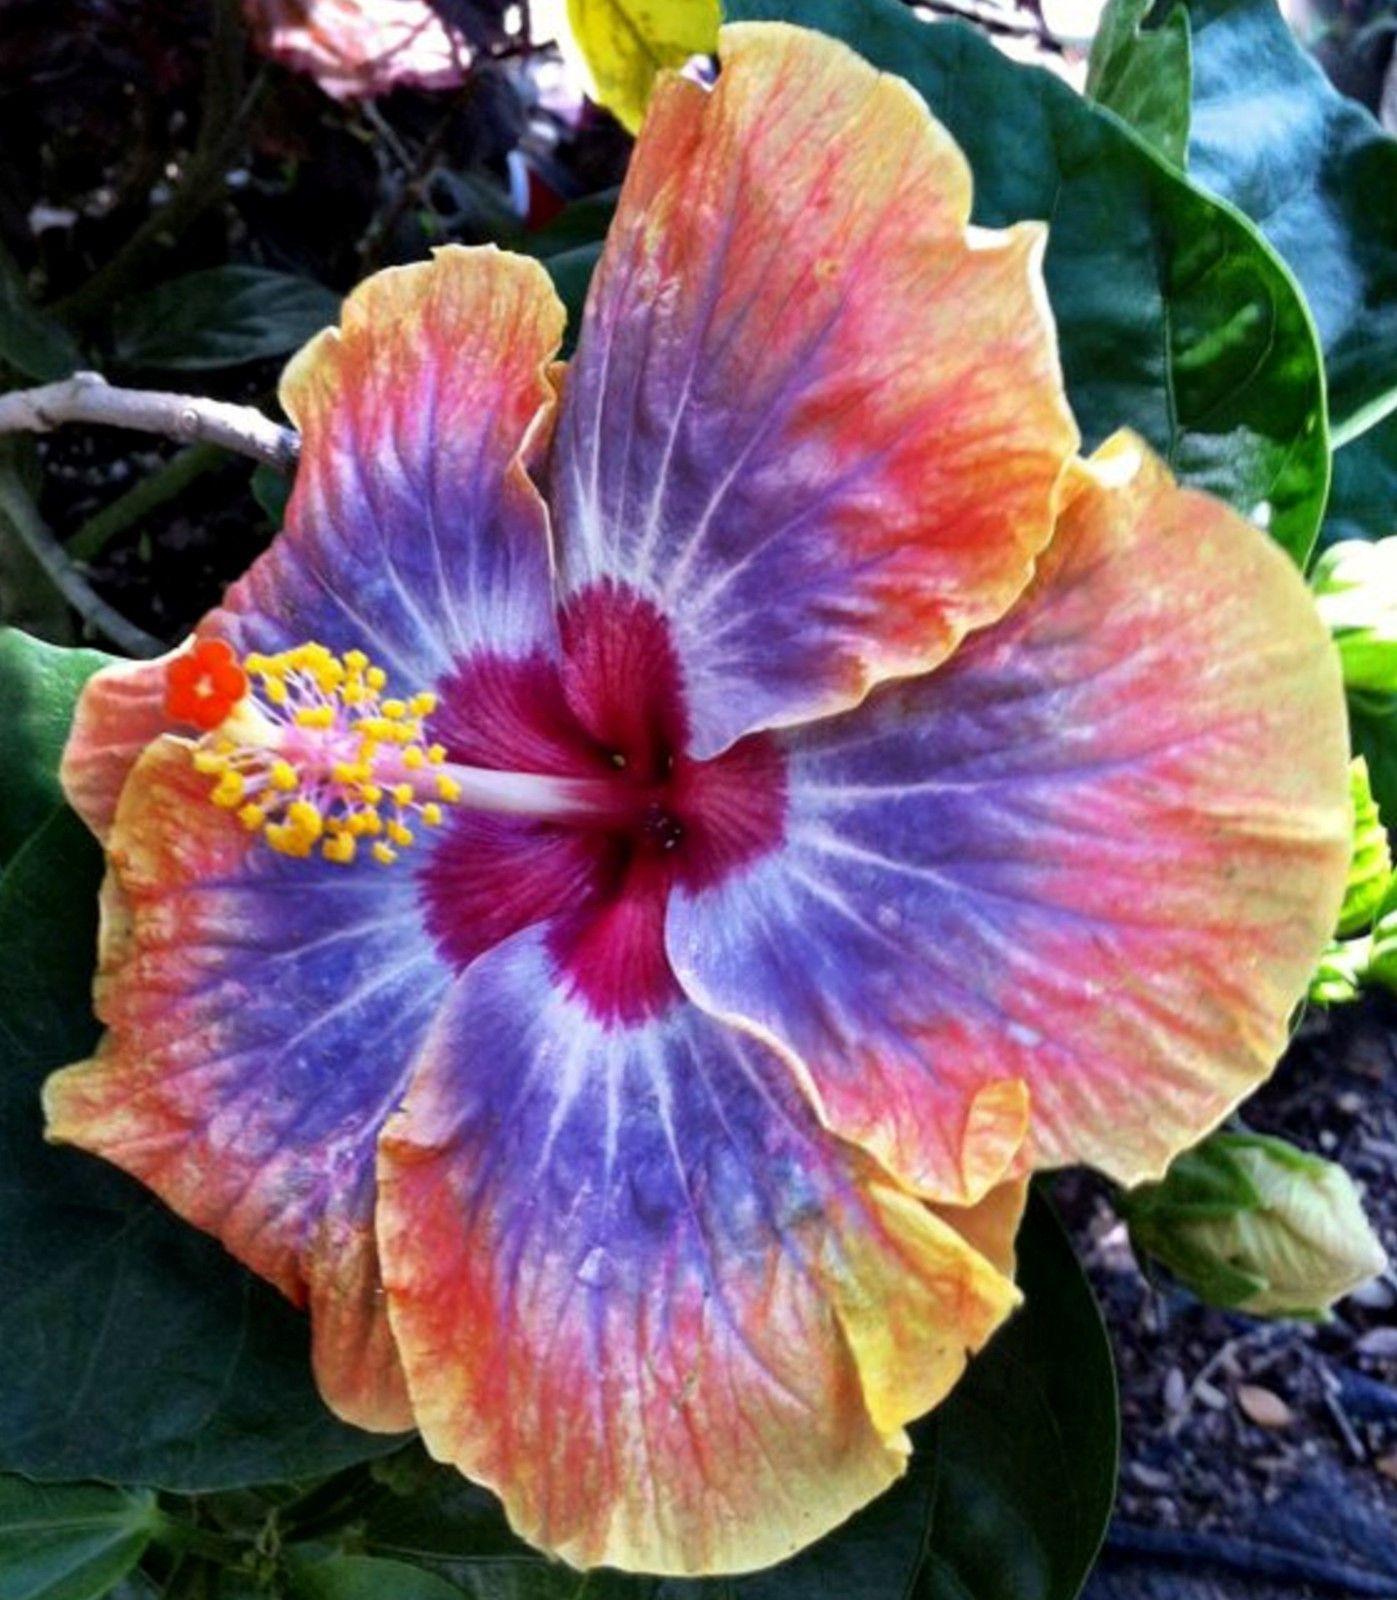 Hibiscus Hibiscus Plant Hibiscus Rosa Sinensis Flower Seeds